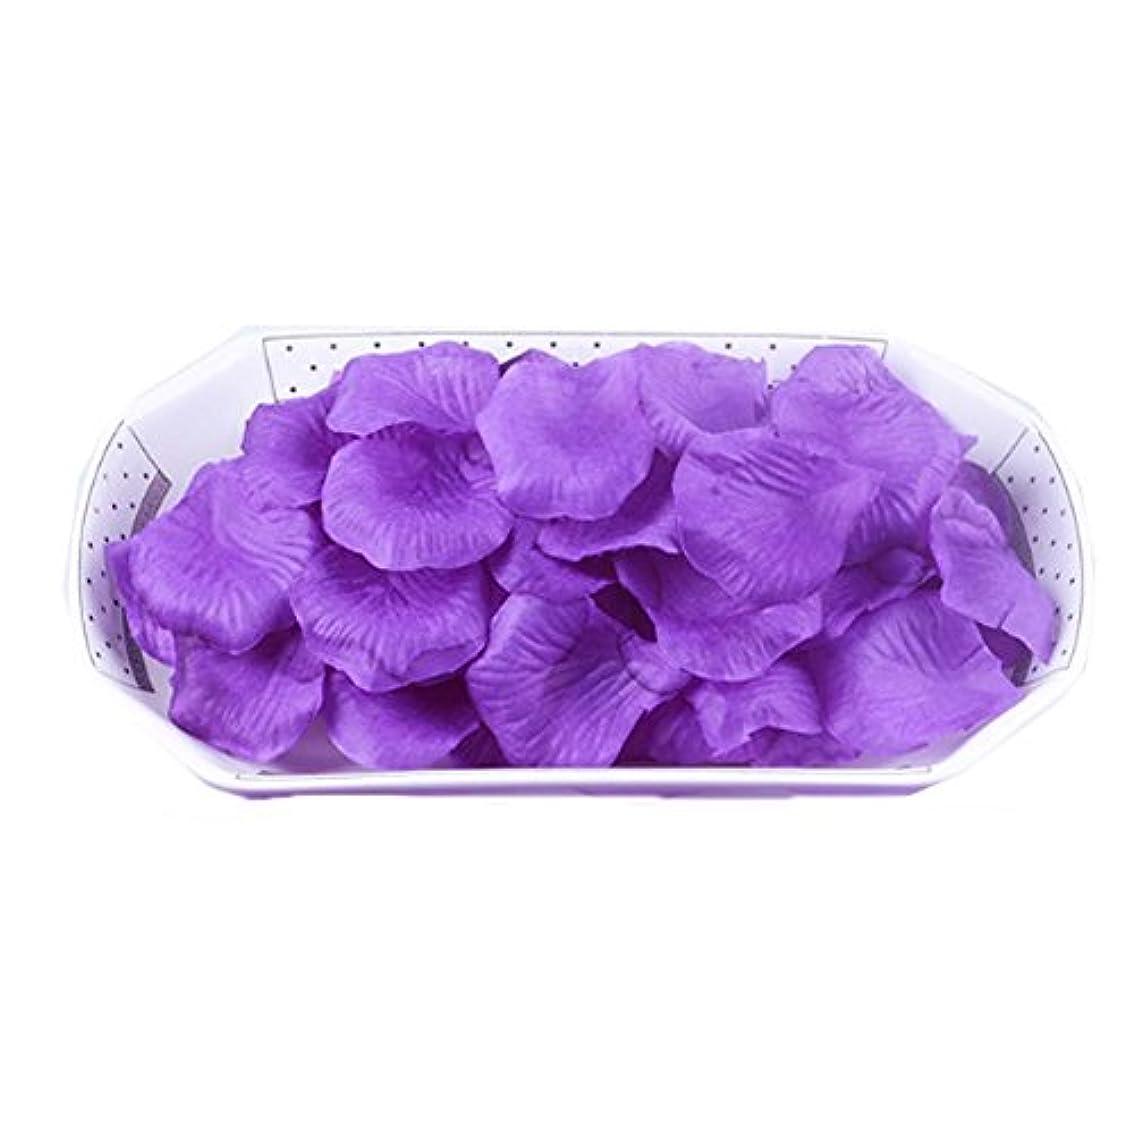 感謝するサイクロプス拷問結婚式の装飾のための人工花の花びら紫2000 PC